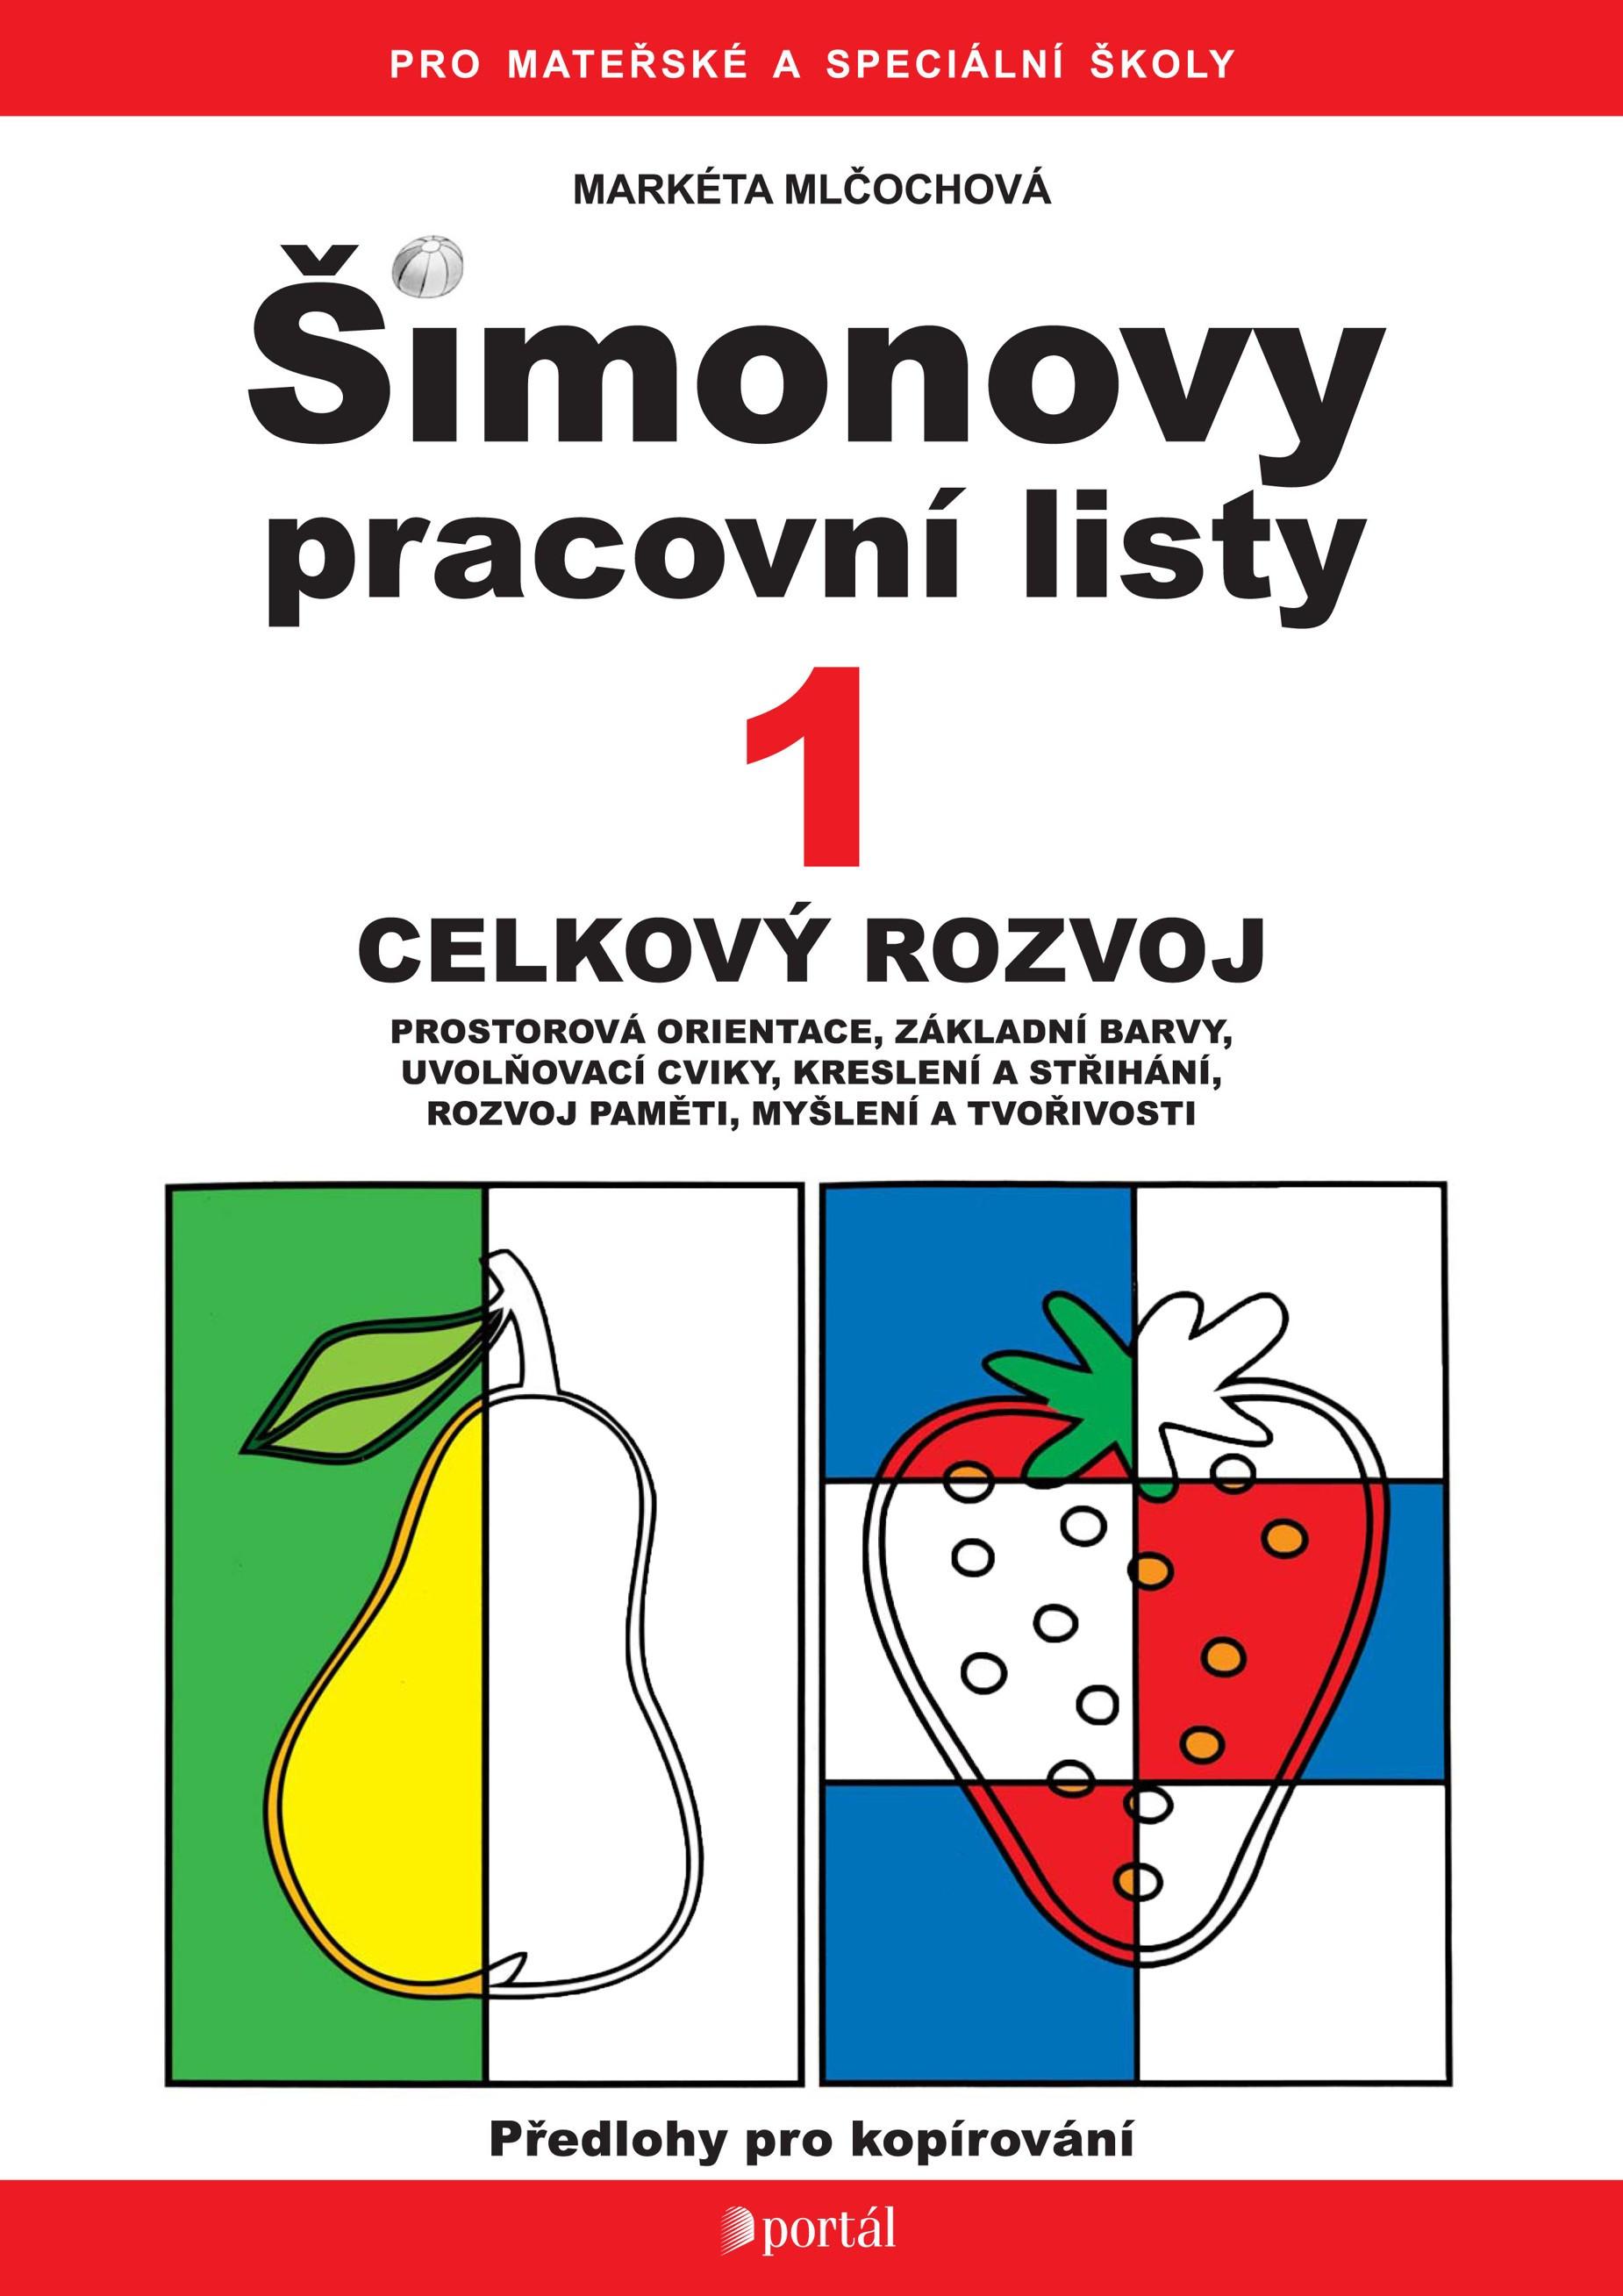 Simonovy Pracovni Listy 1 Celkovy Rozvoj Agatin Svet